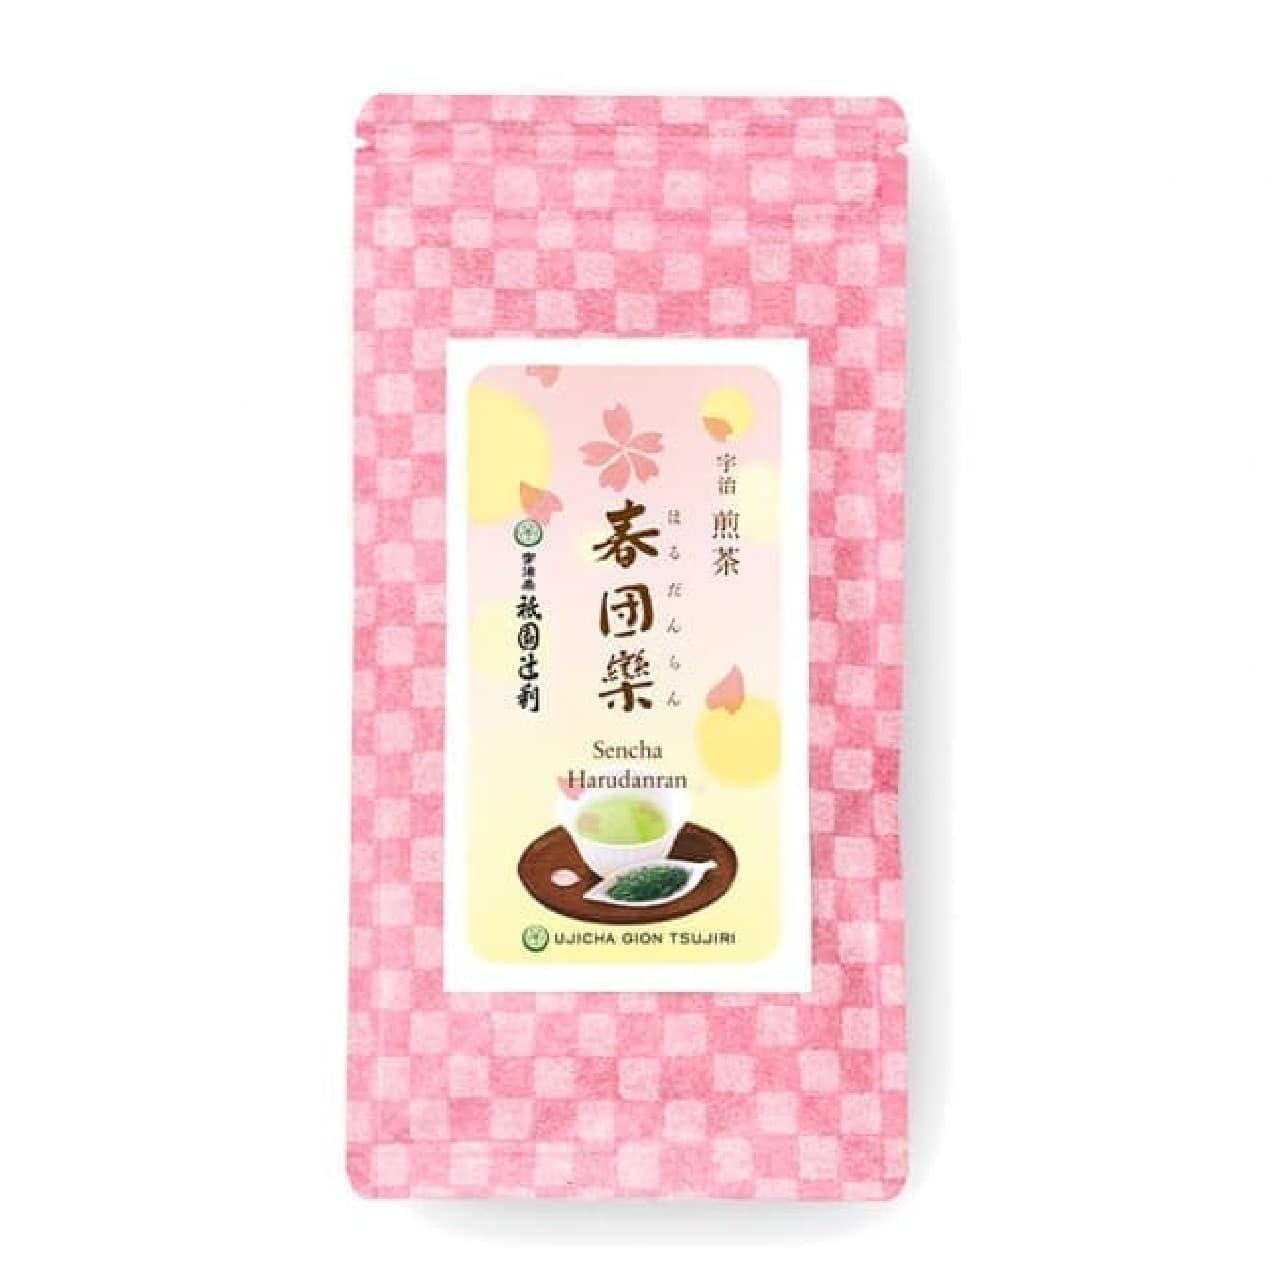 祇園辻利から季節限定の煎茶「春団欒」